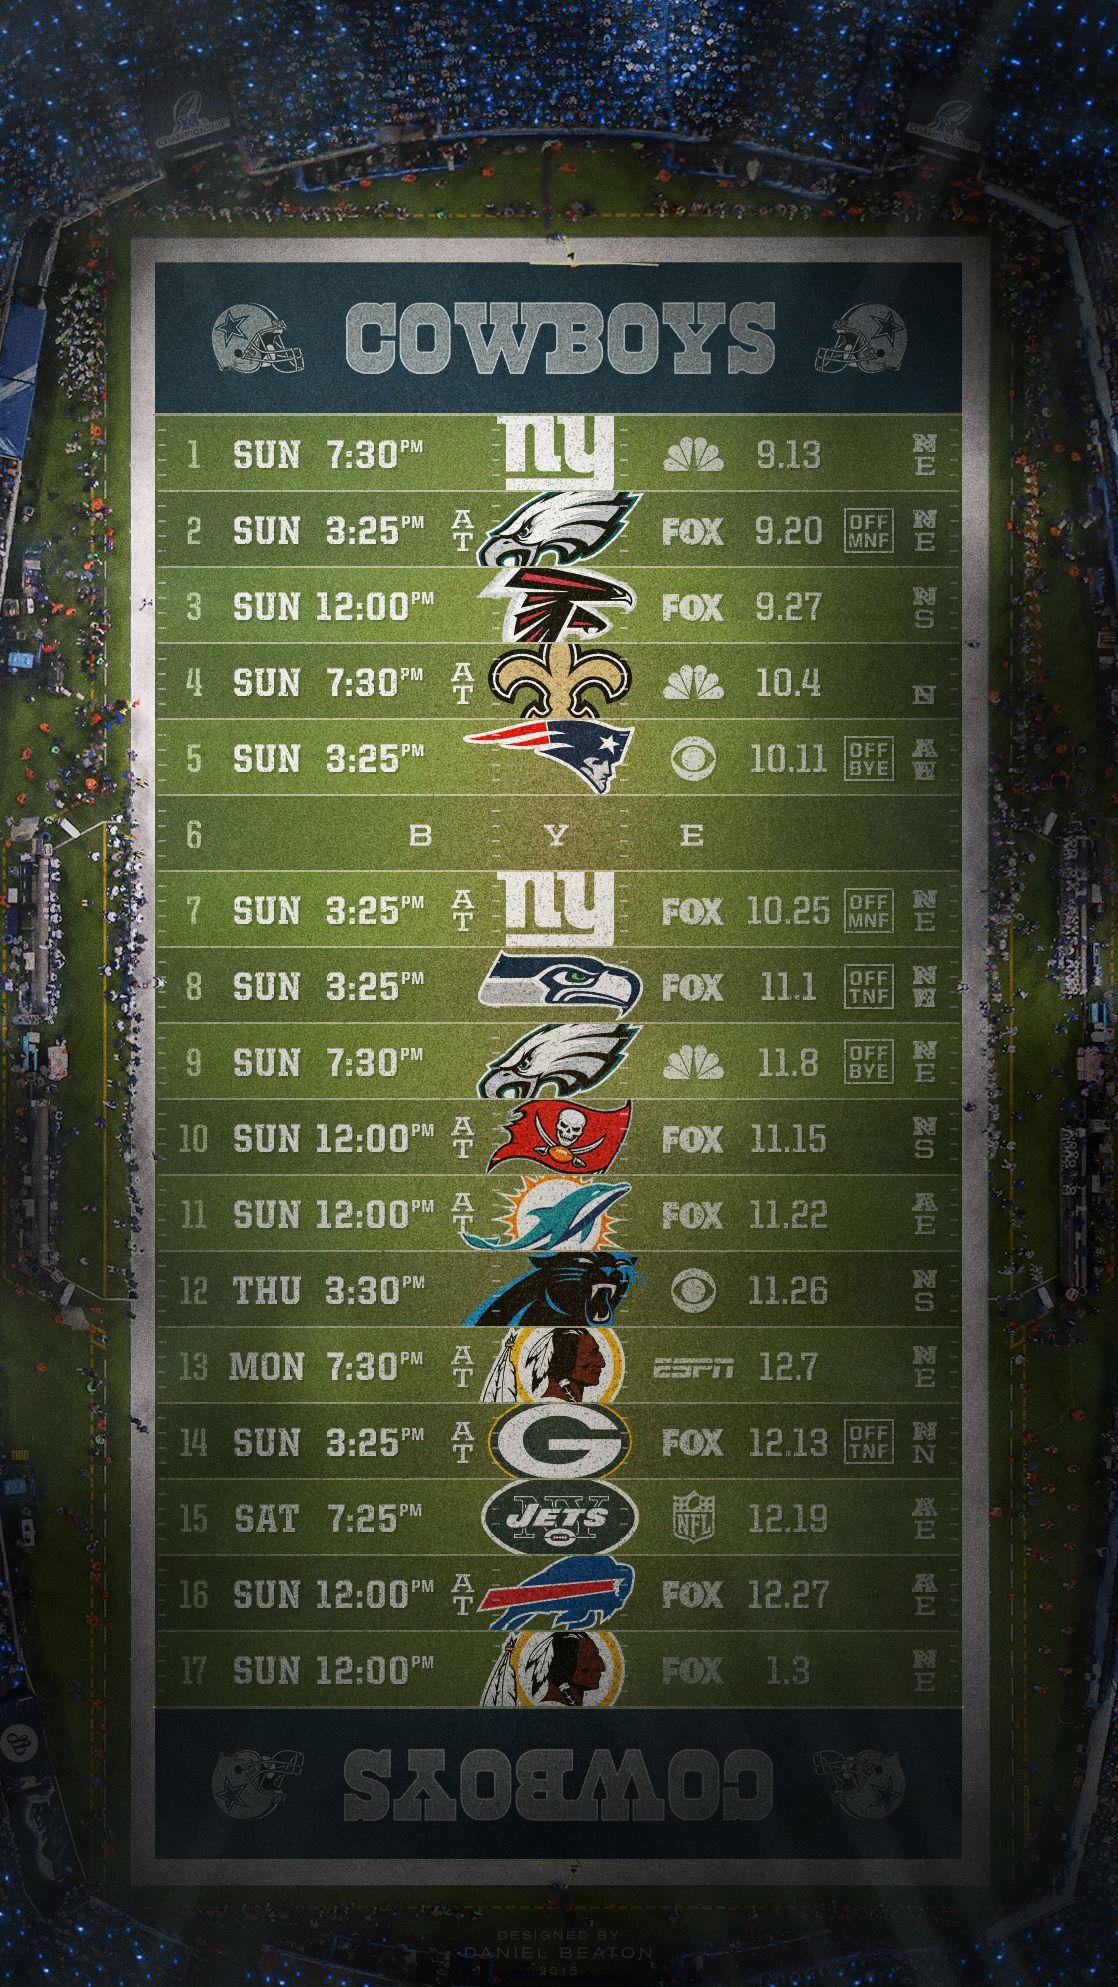 Dallas Cowboys Schedule Wallpaper Free Download